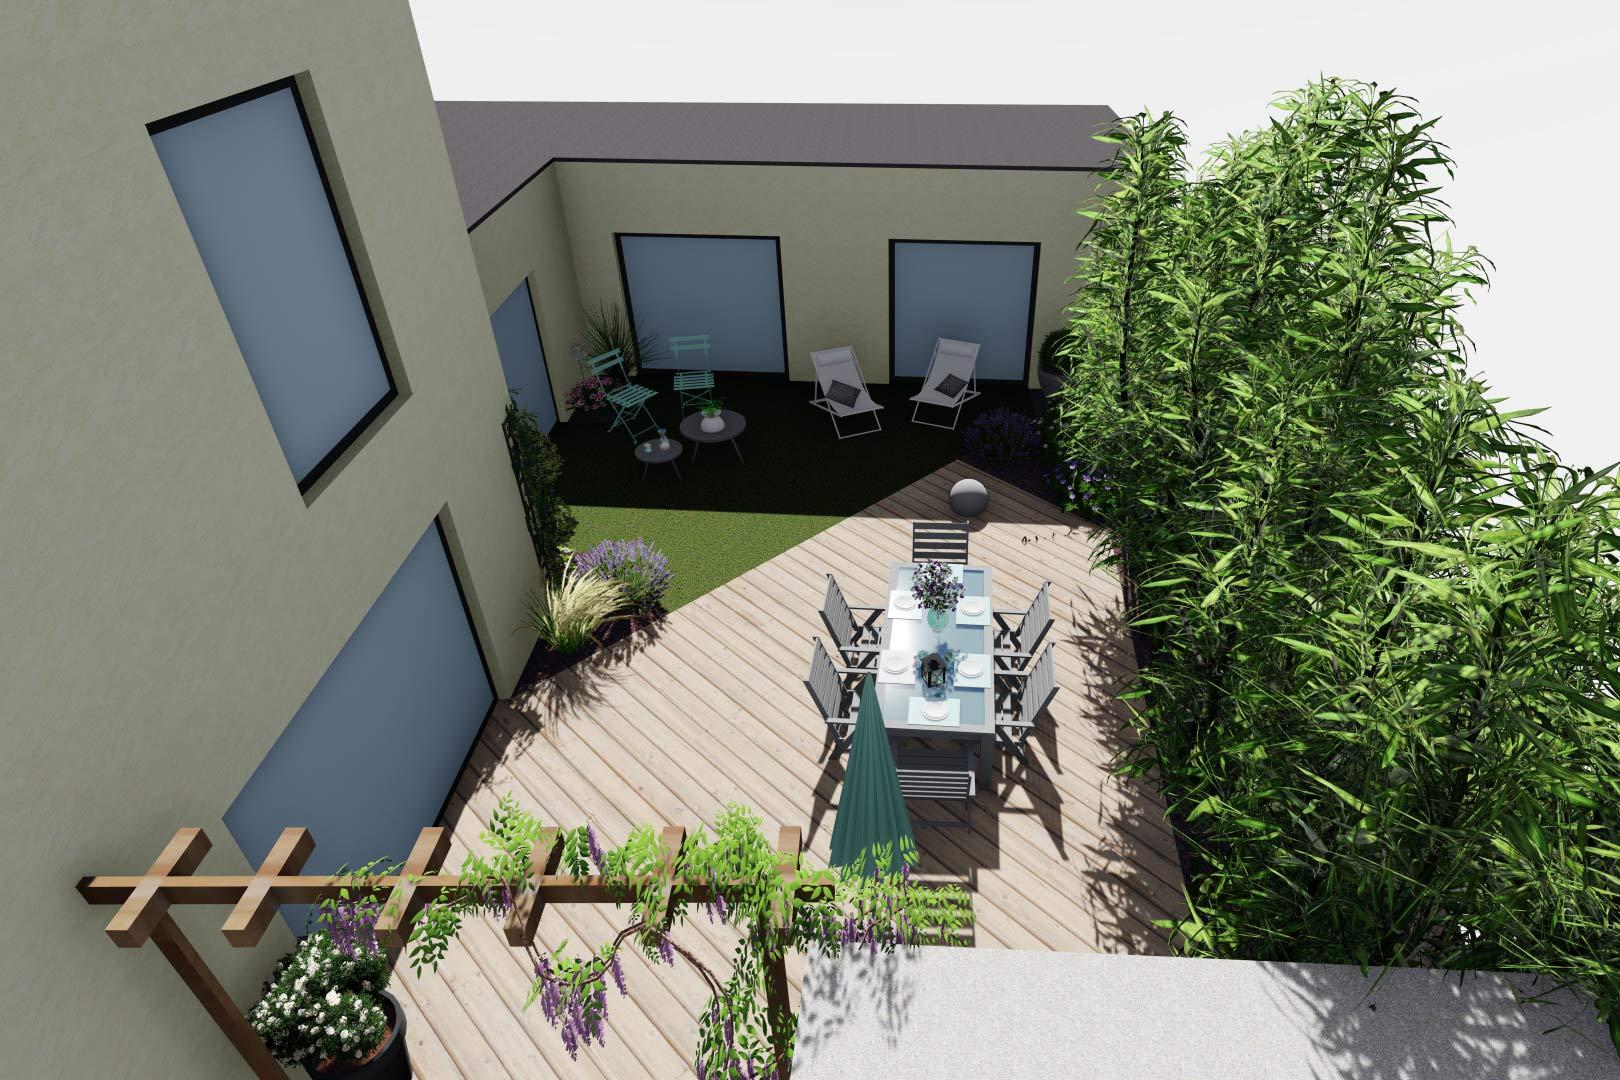 Entreprise du paysage, Serrault Jardins réalise des jardins sur-mesure dans diverses communes comme Monts.